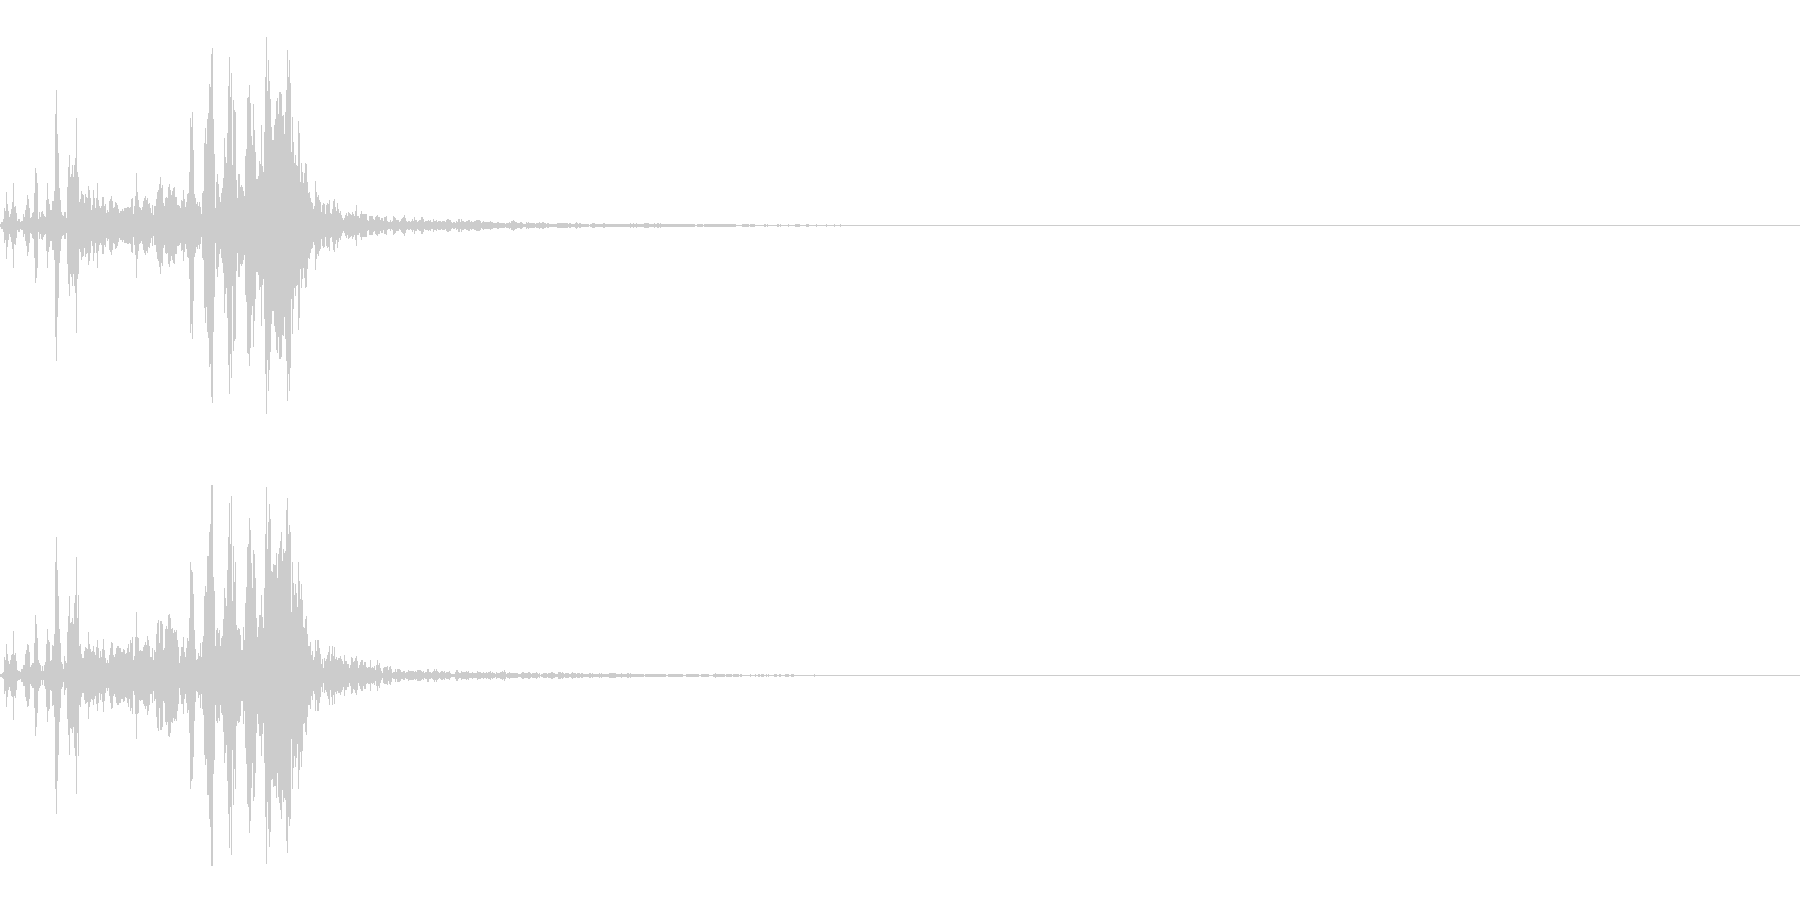 【生録音】フラミンゴの鳴き声 33の未再生の波形